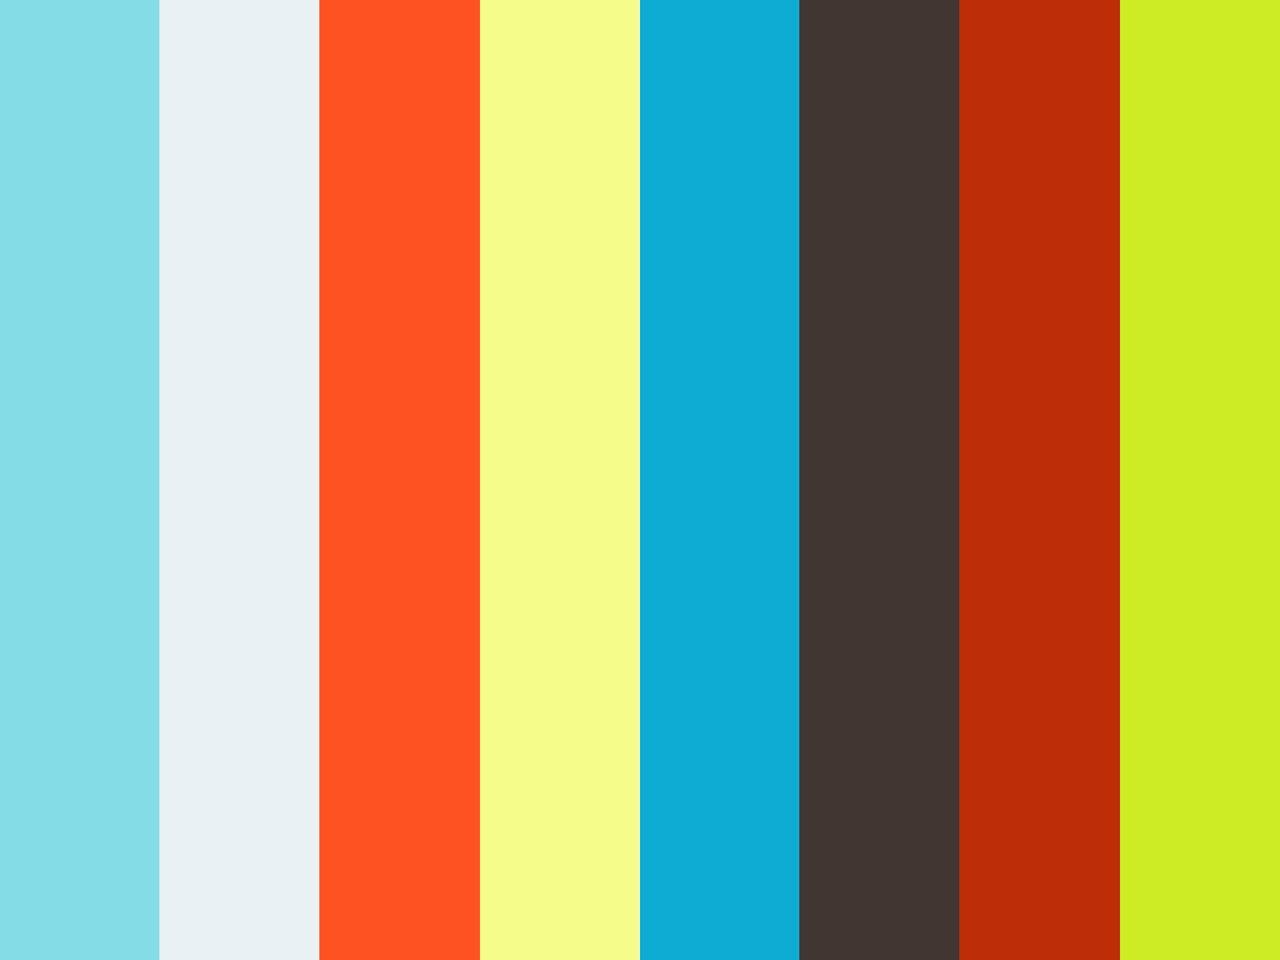 Sporlan - Parker Hannifin's ZoomLock™ Braze-Free Fittings